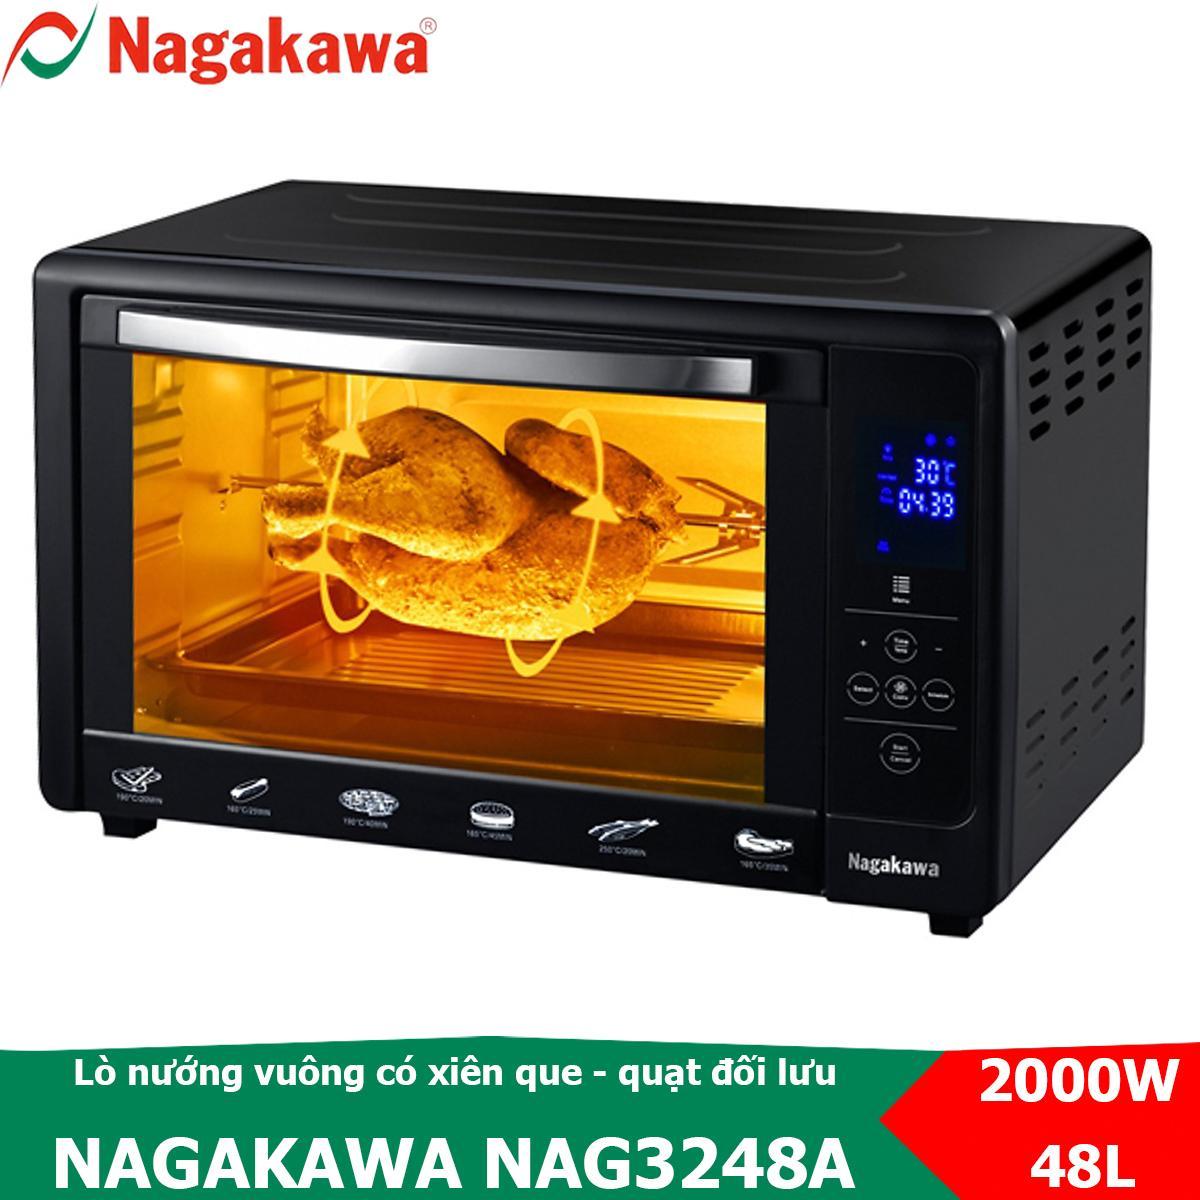 Lò nướng điện vuông 48L, bảng điều khiển cảm ứng Nagakawa NAG3248A có xiên que nướng gà quay